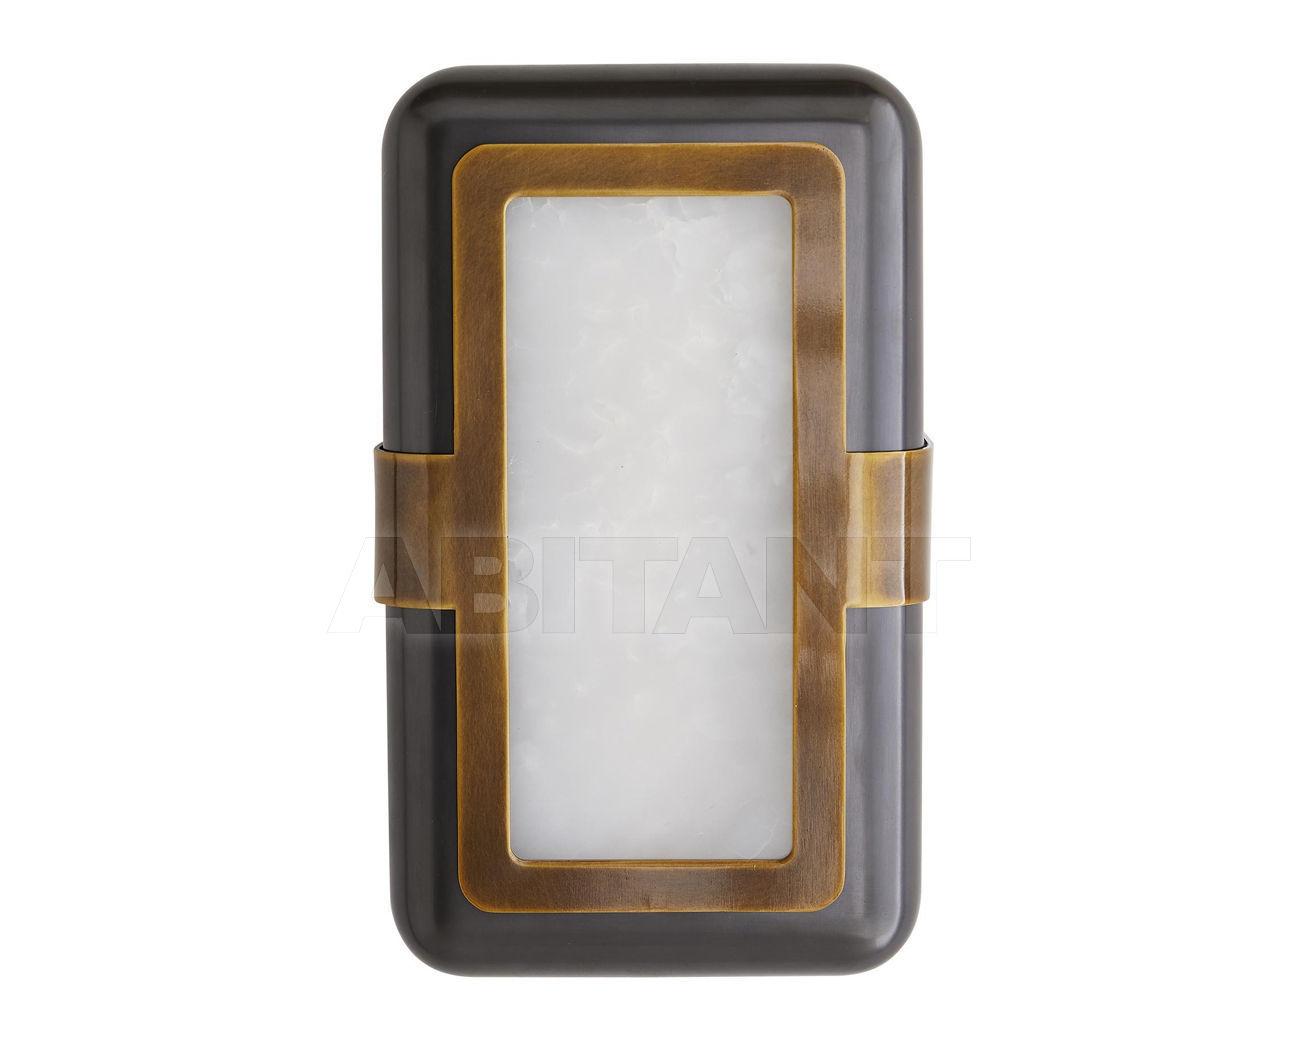 Купить Светильник настенный Nathaniel  Arteriors Home  LIGHTING 49100